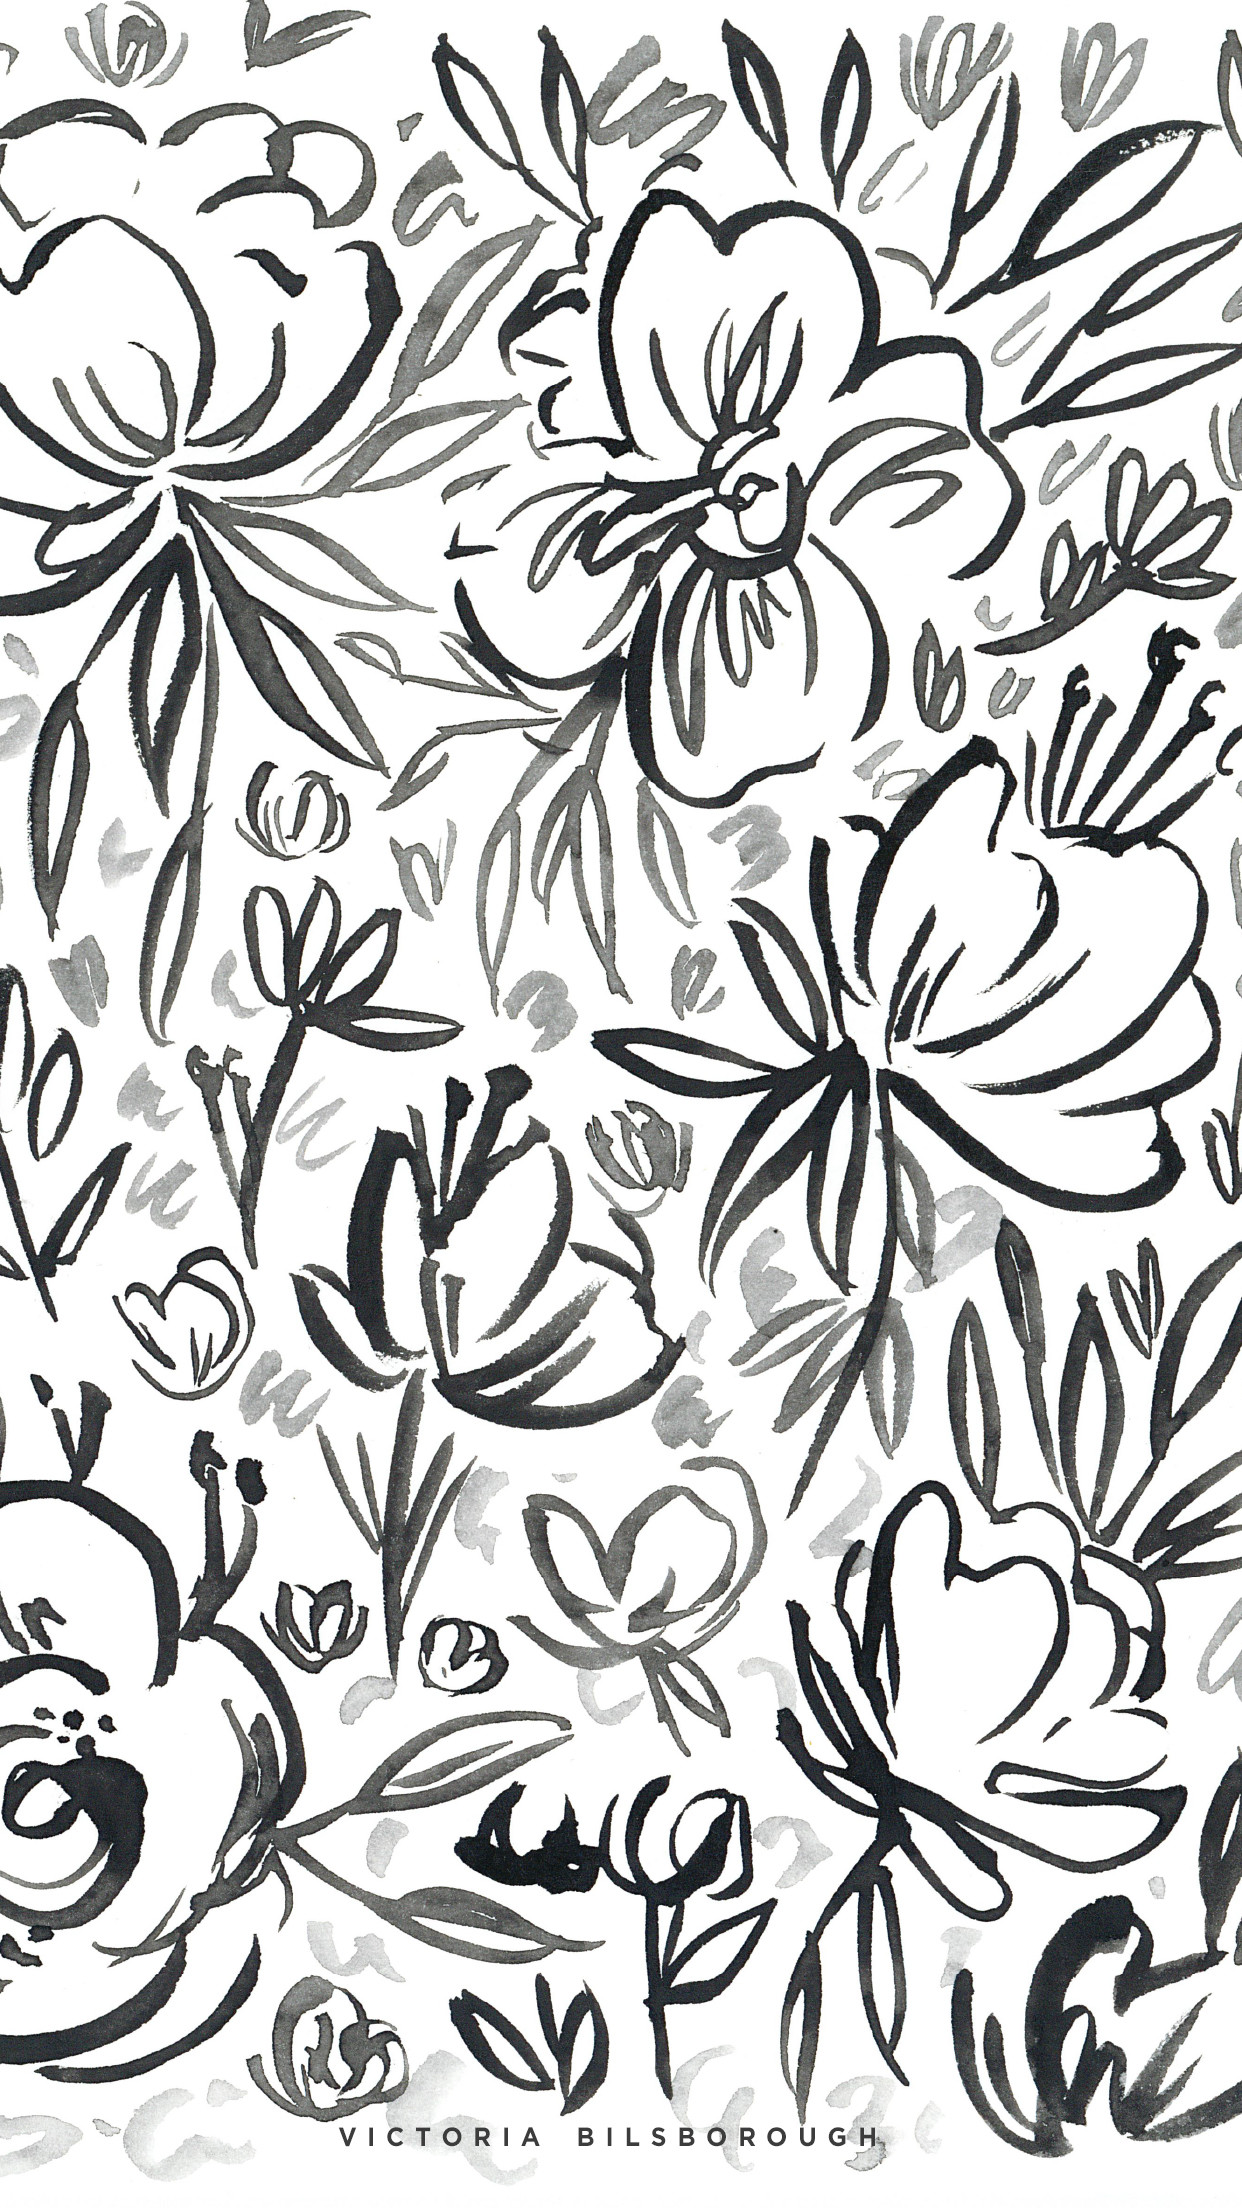 Free-Wallpapers-_-by-Victoria-Bilsborough-%E2%80